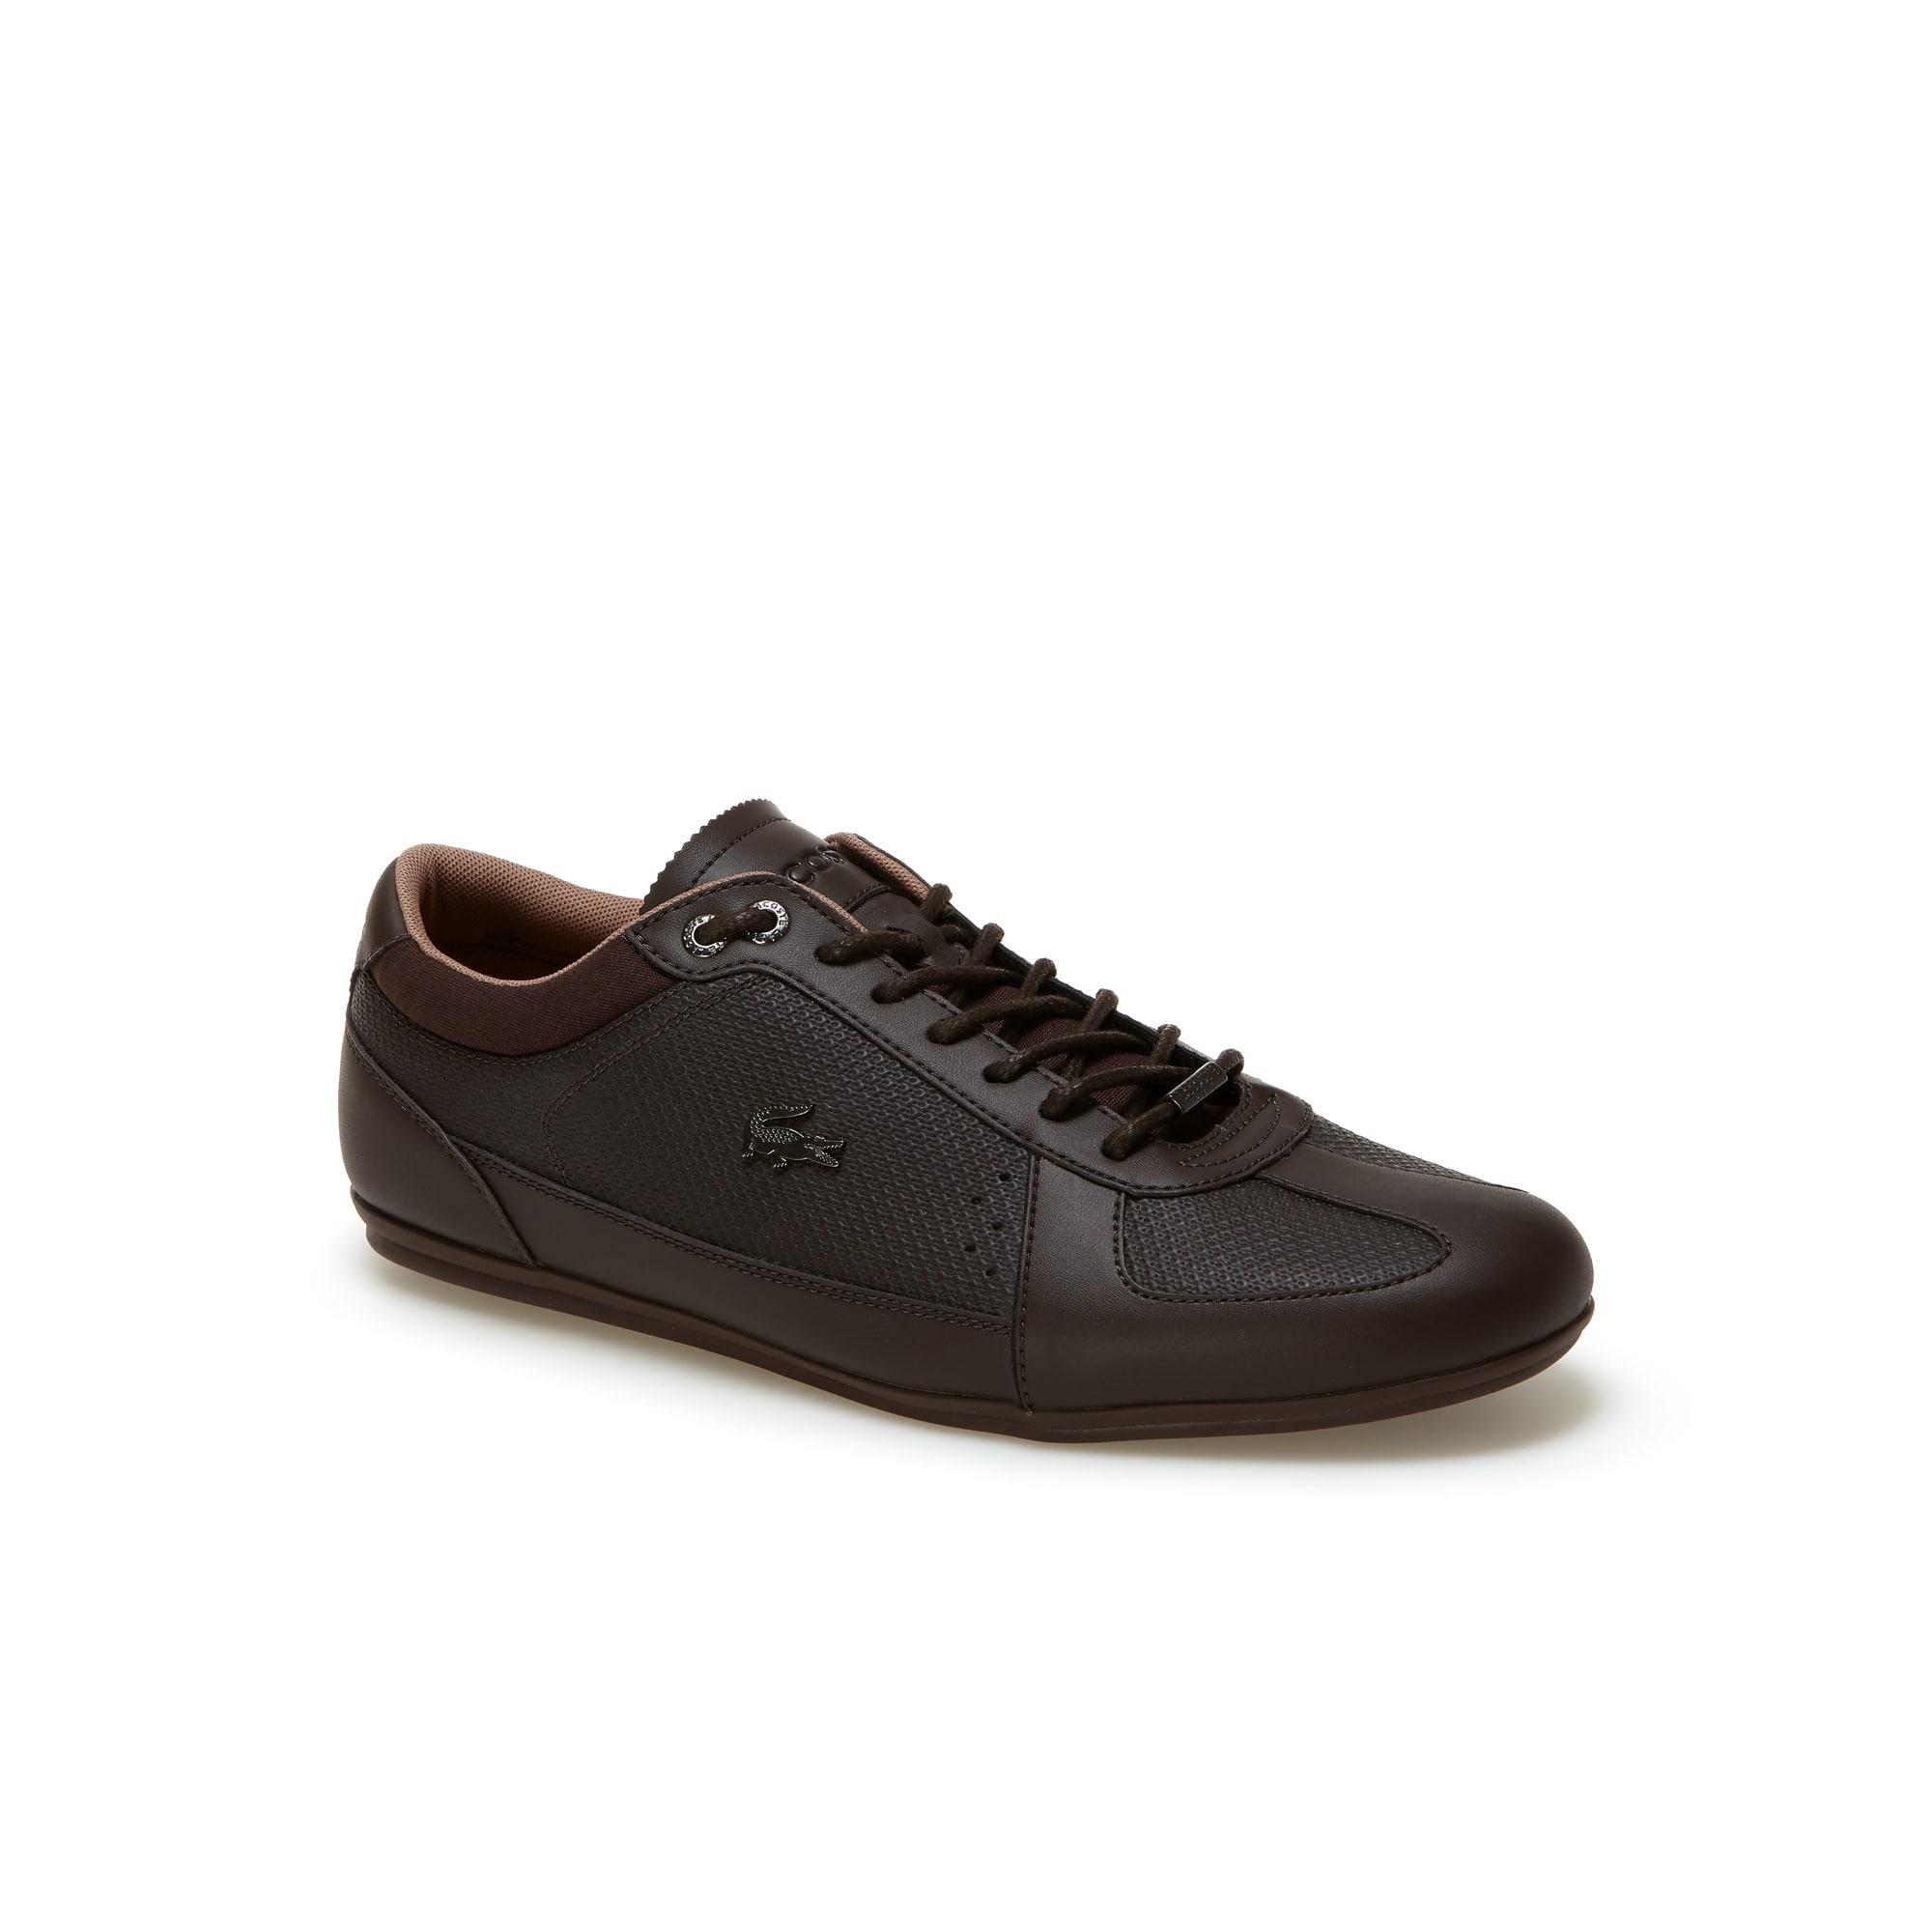 Sneakers Evara en cuir